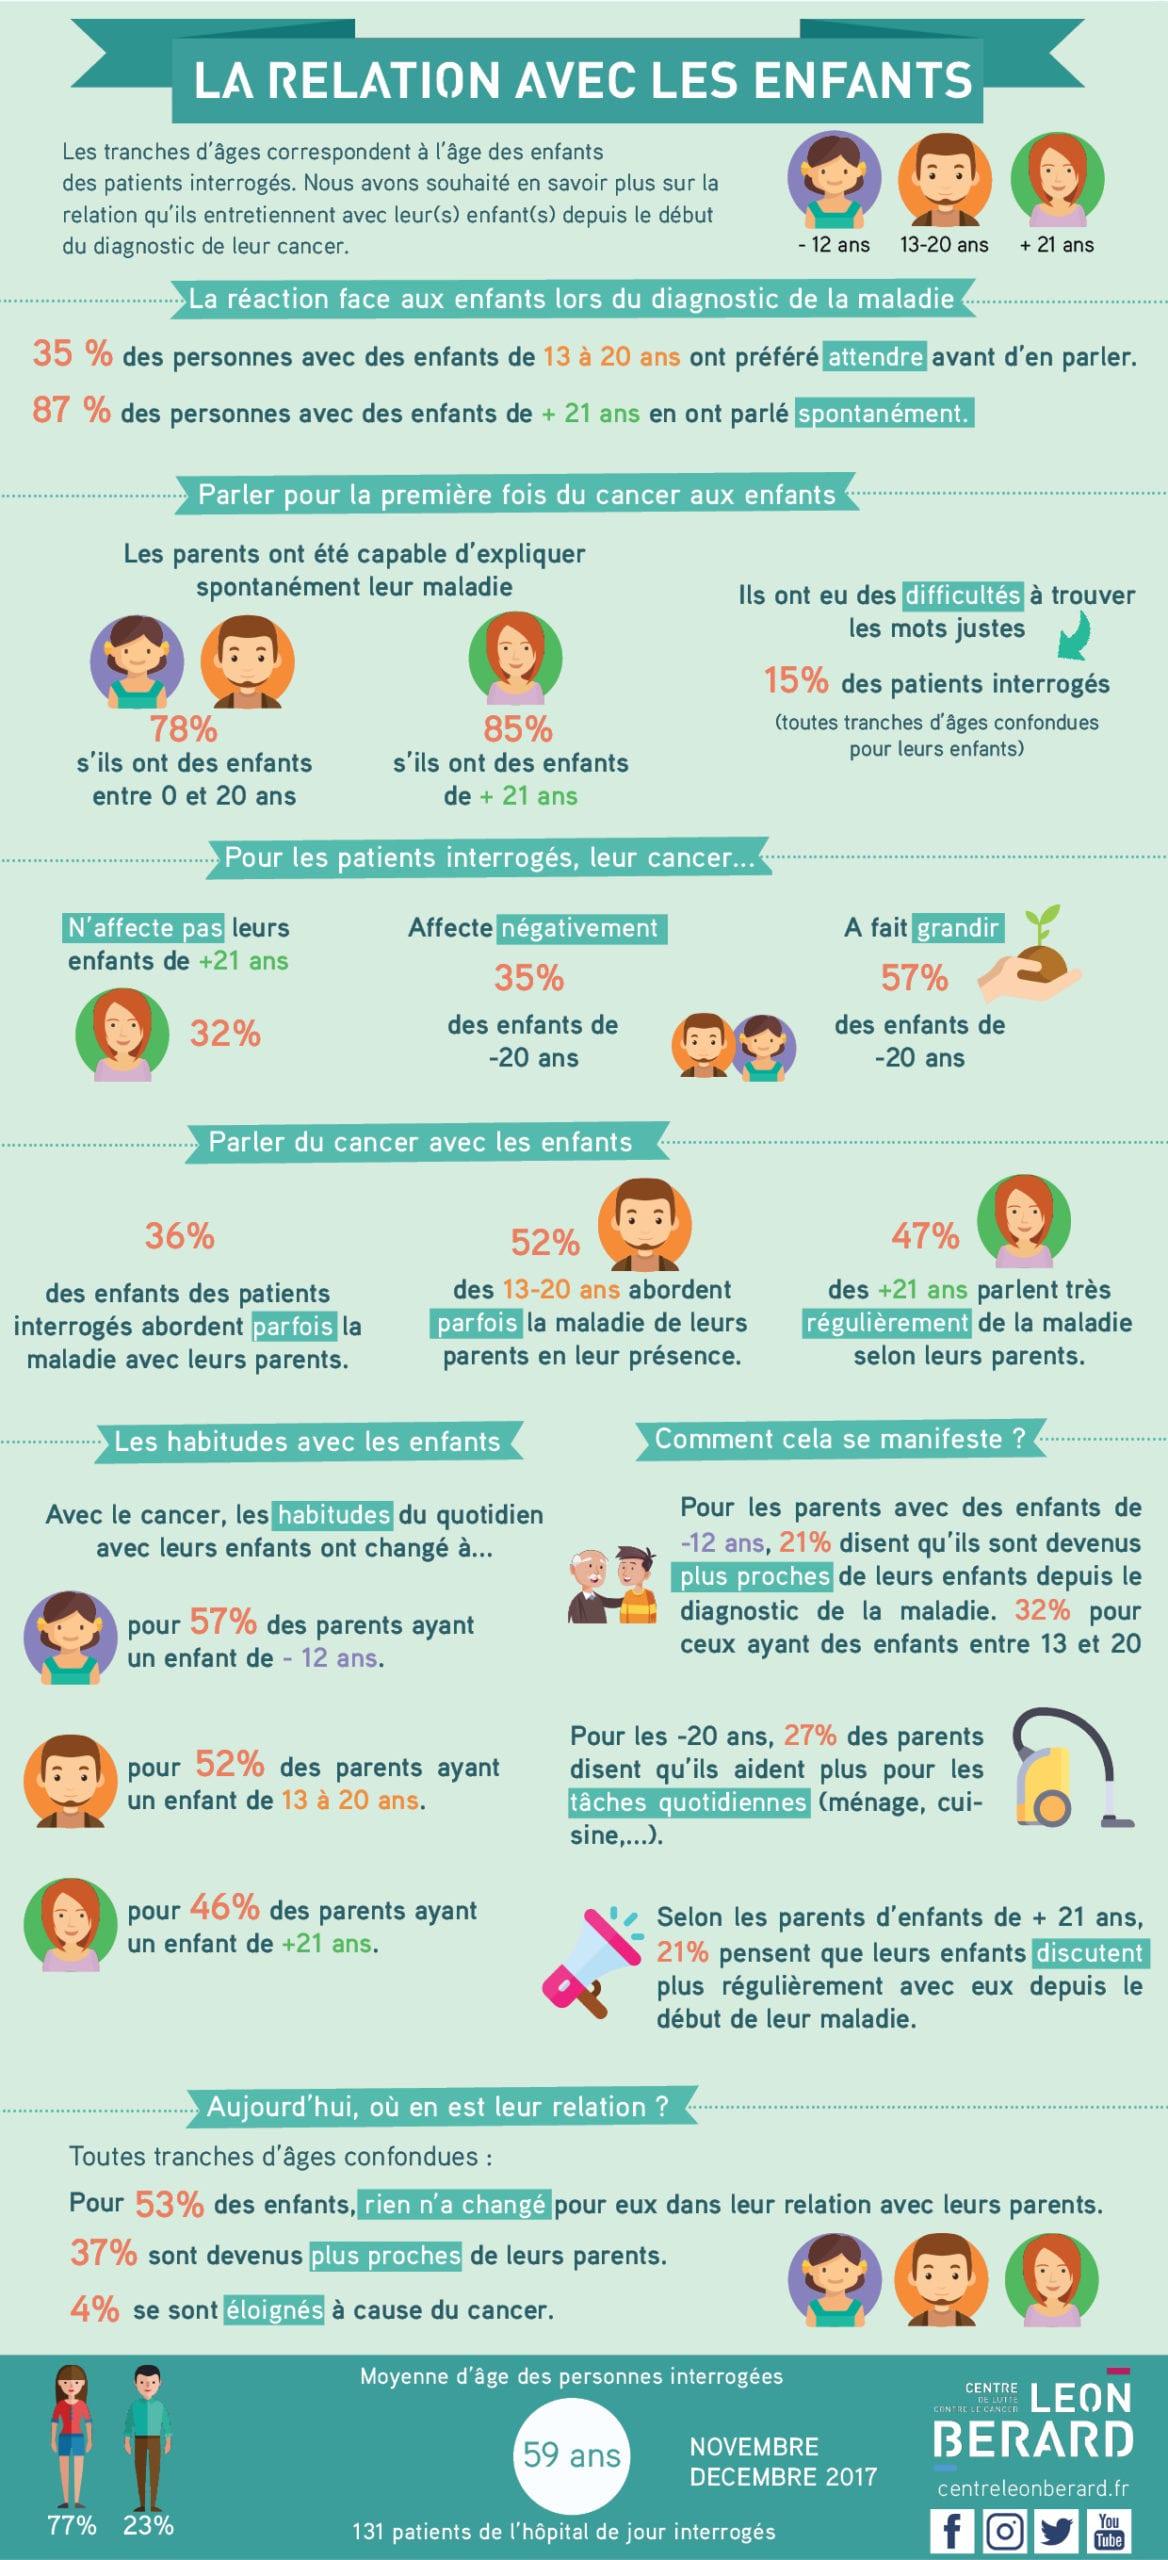 infographie-cancer-relation-enfants-leon-sinterroge-2017